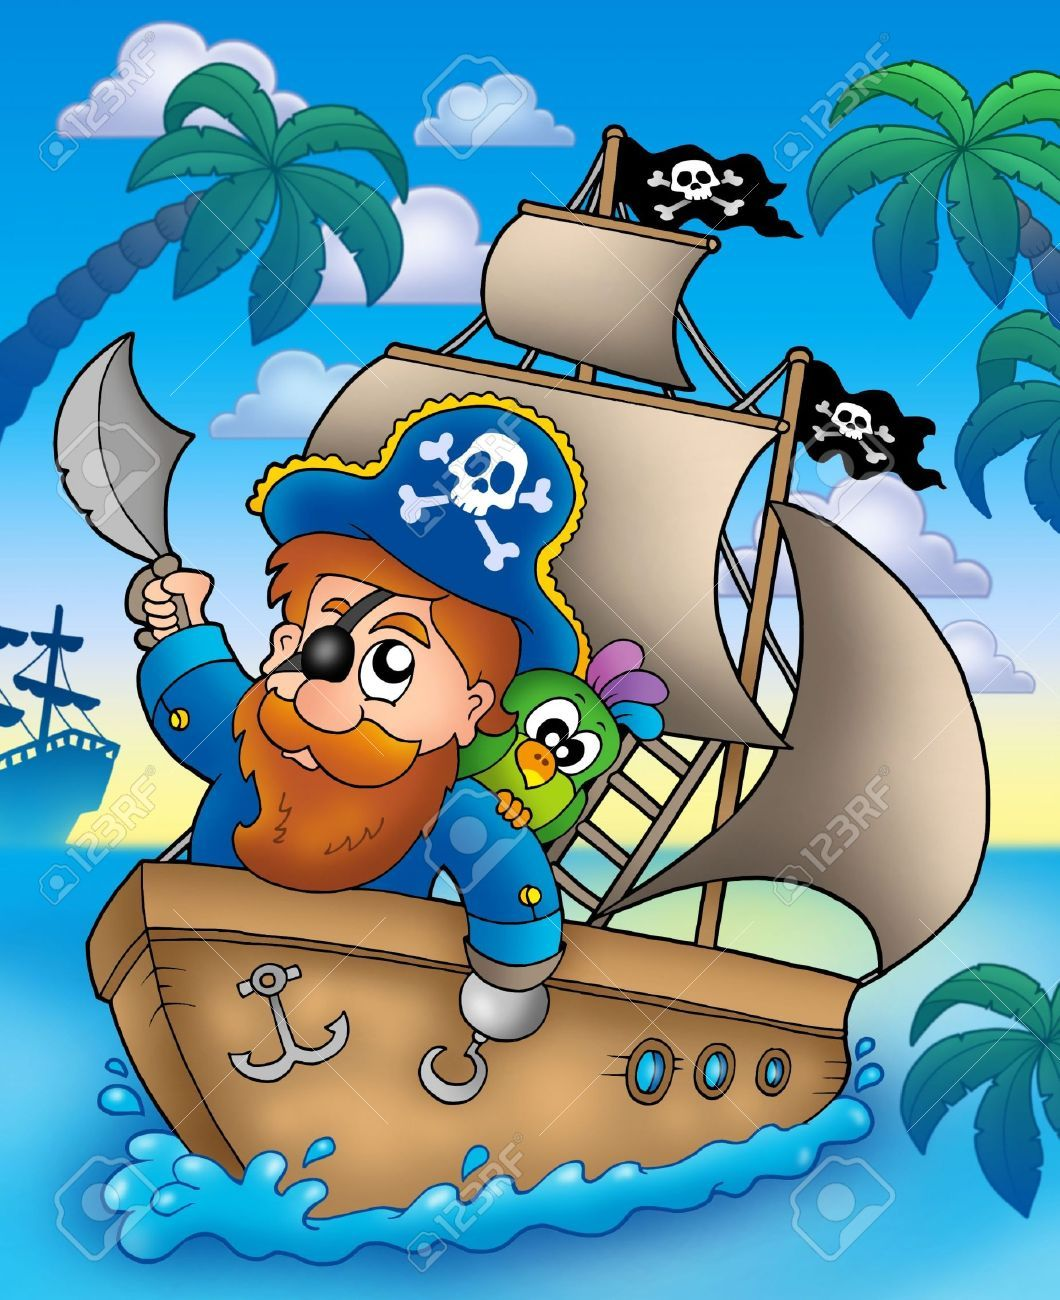 Coloriage Bateau Pirate Couleur.Cartoon Voile Sur Le Bateau Pirate Illustration En Couleur